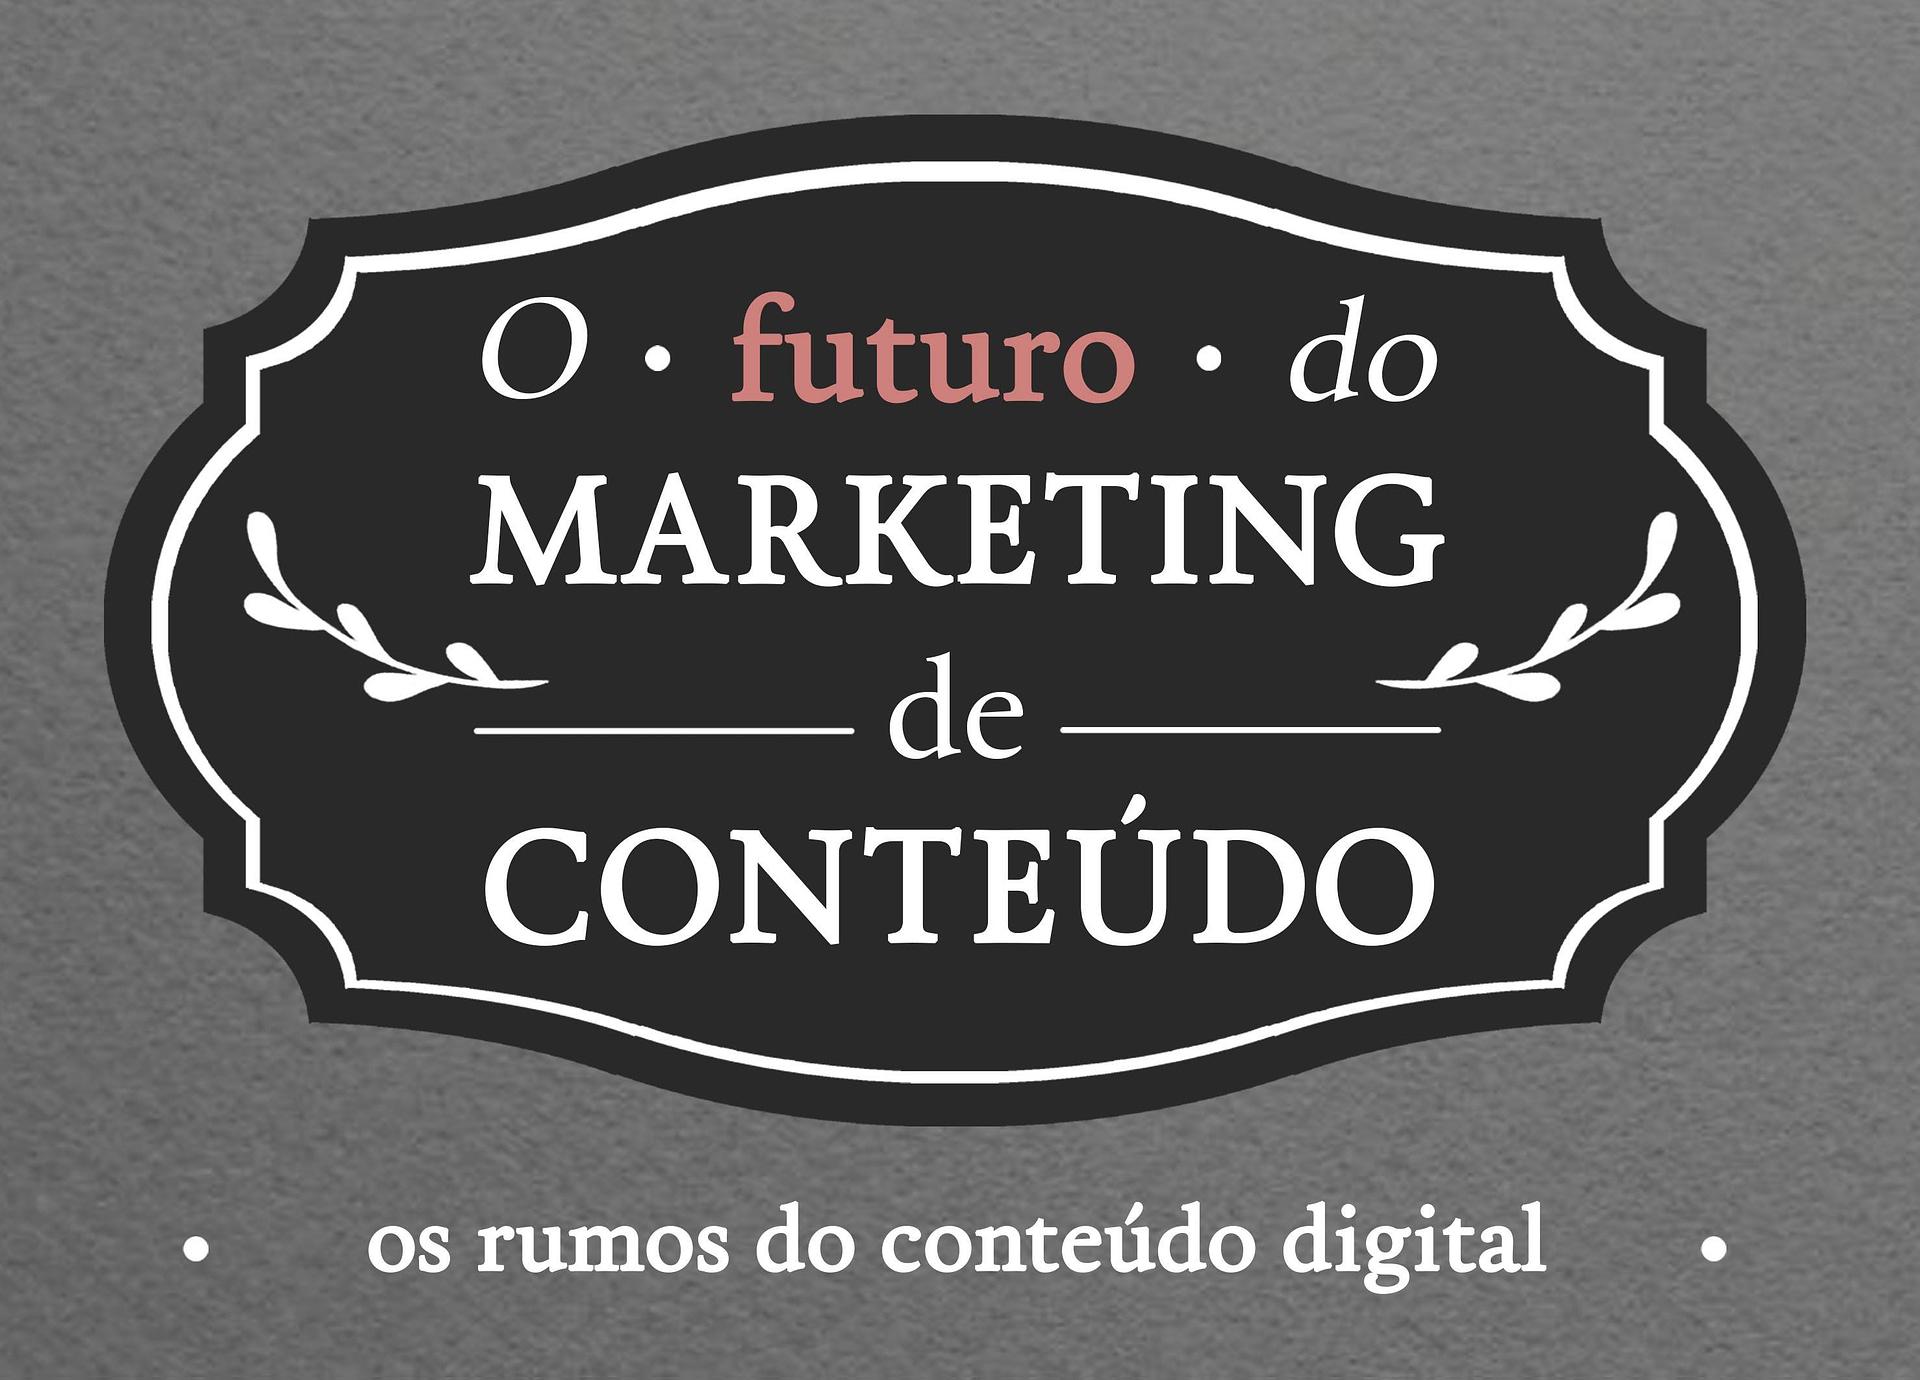 futuro do marketing de conteudo